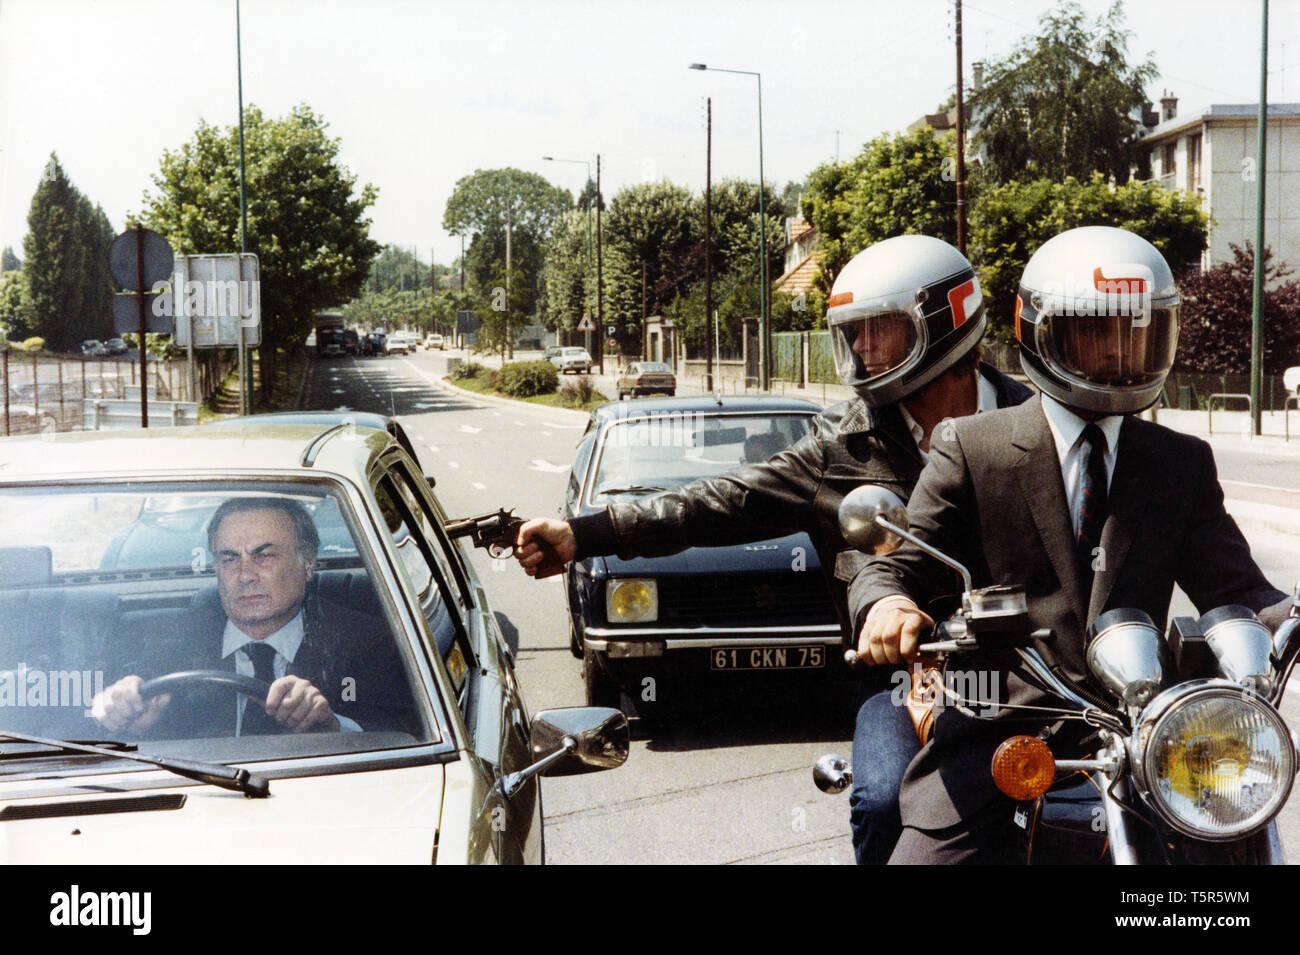 TROIS HOMMES A ABATTRE 3 HOMMES A ABATTRE 1980 de Jacques Deray François Perrot. tueur; Killer; meurtre, Mord PROD DB © Adel Produktionen - Antenne-2 Stockbild